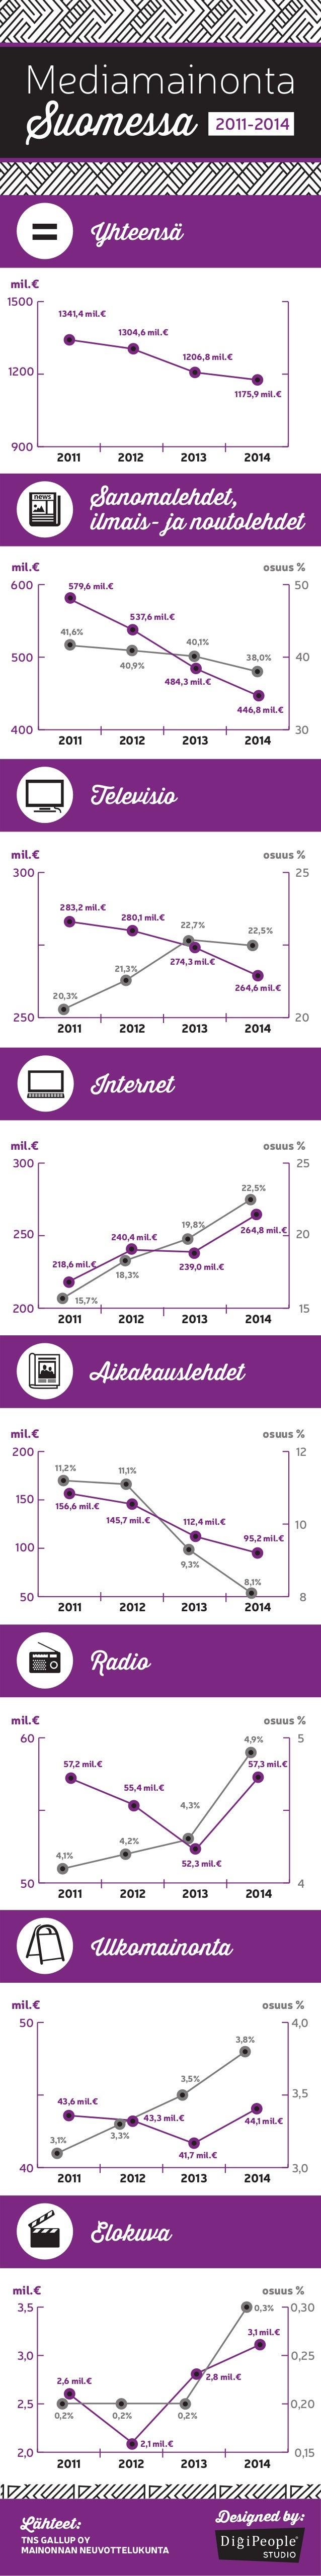 400 500 600 30 40 50 mil.€ osuus % 2011 2012 2013 2014 579,6 mil.€ 41,6% 40,9% 40,1% 38,0% 484,3 mil.€ 446,8 mil.€ 537,6 m...